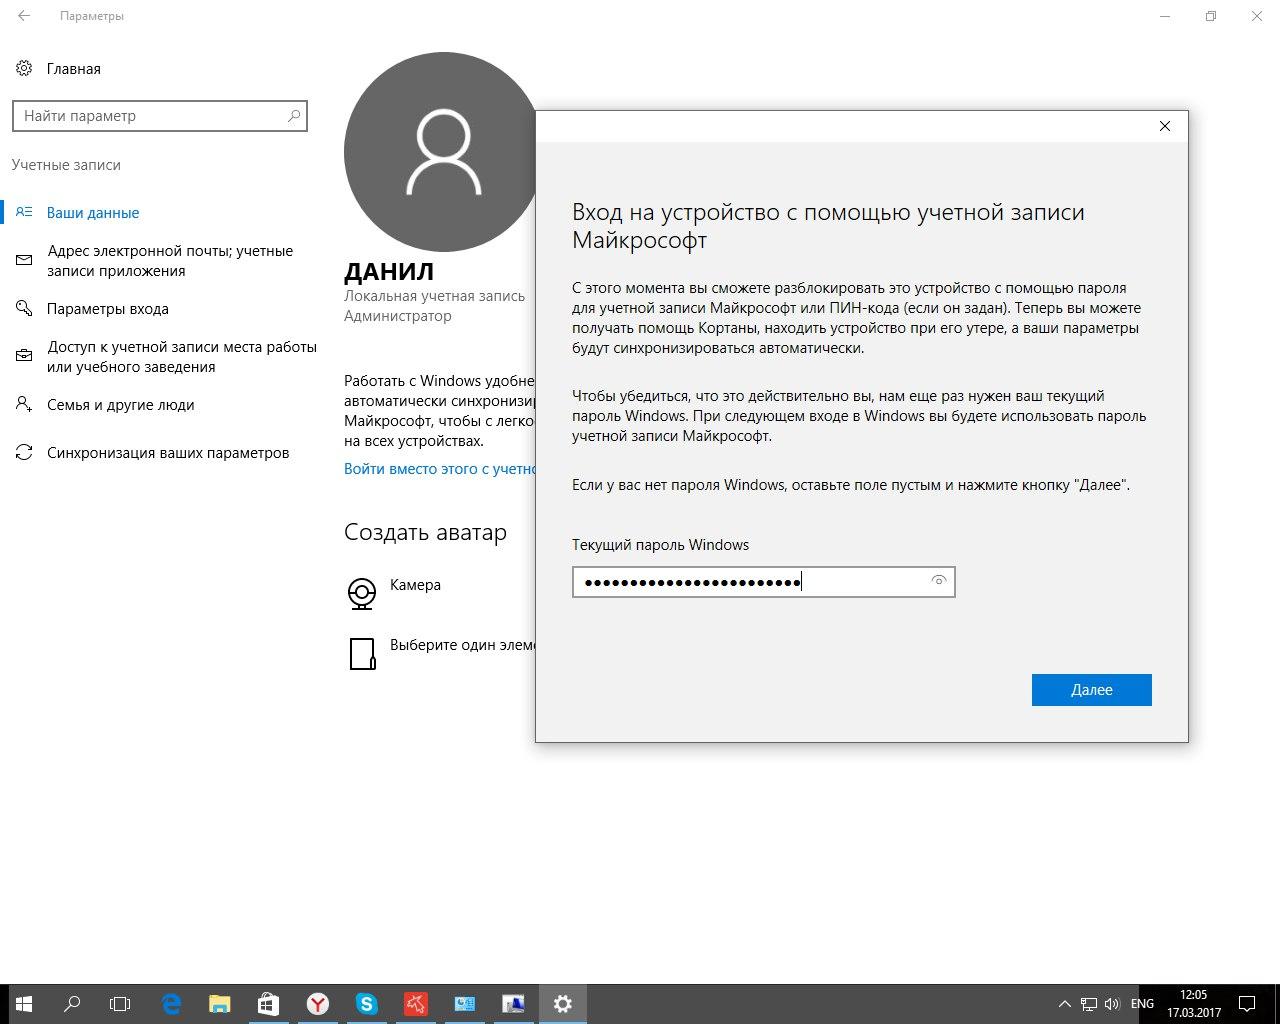 Не могу зайти в свою учётную запись Майкрософт через windows. - Microsoft Community